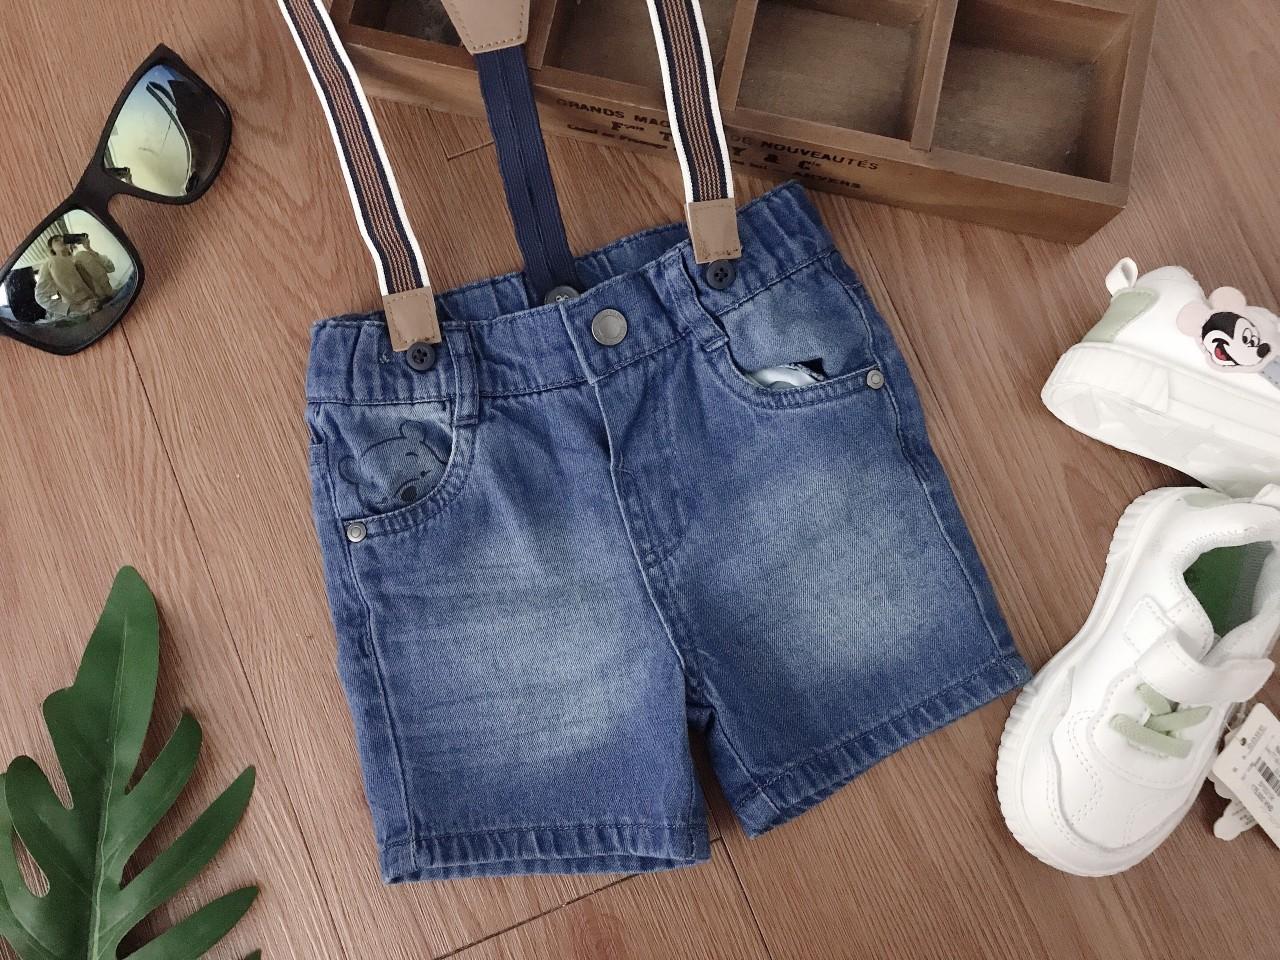 Quần jeans cộc kèm đai bé trai 3 tháng đến 4 tuổi